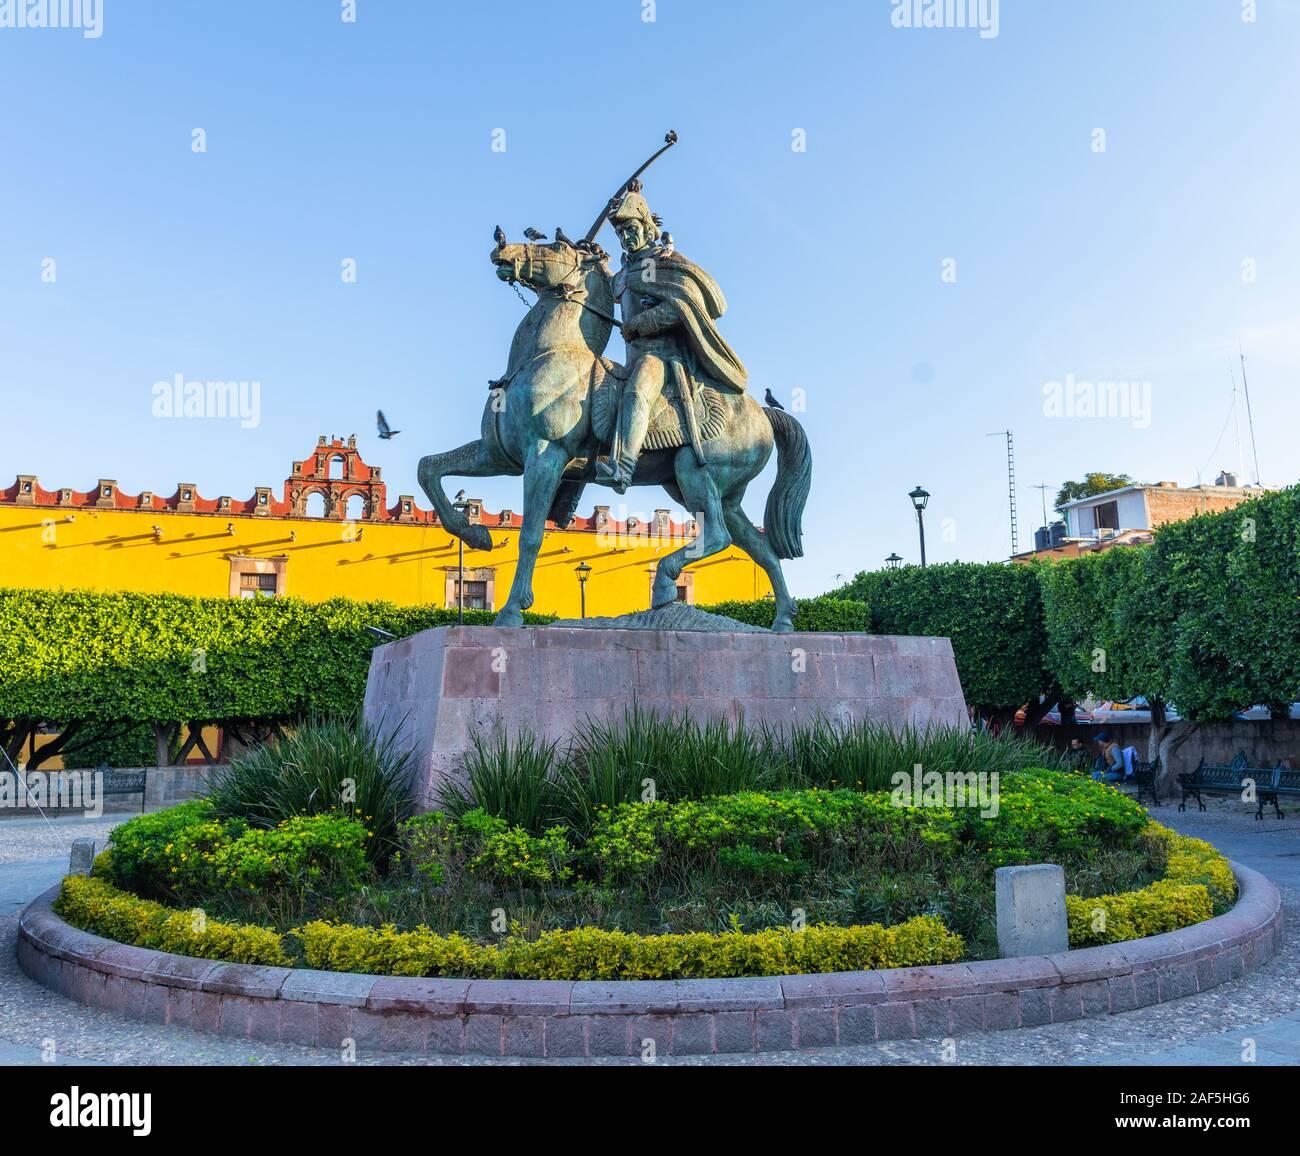 Estatua del héroe de la Independencia Mexicana, Ignacio Allende en San Miguel de Allende, Guanajuato, México Foto de stock